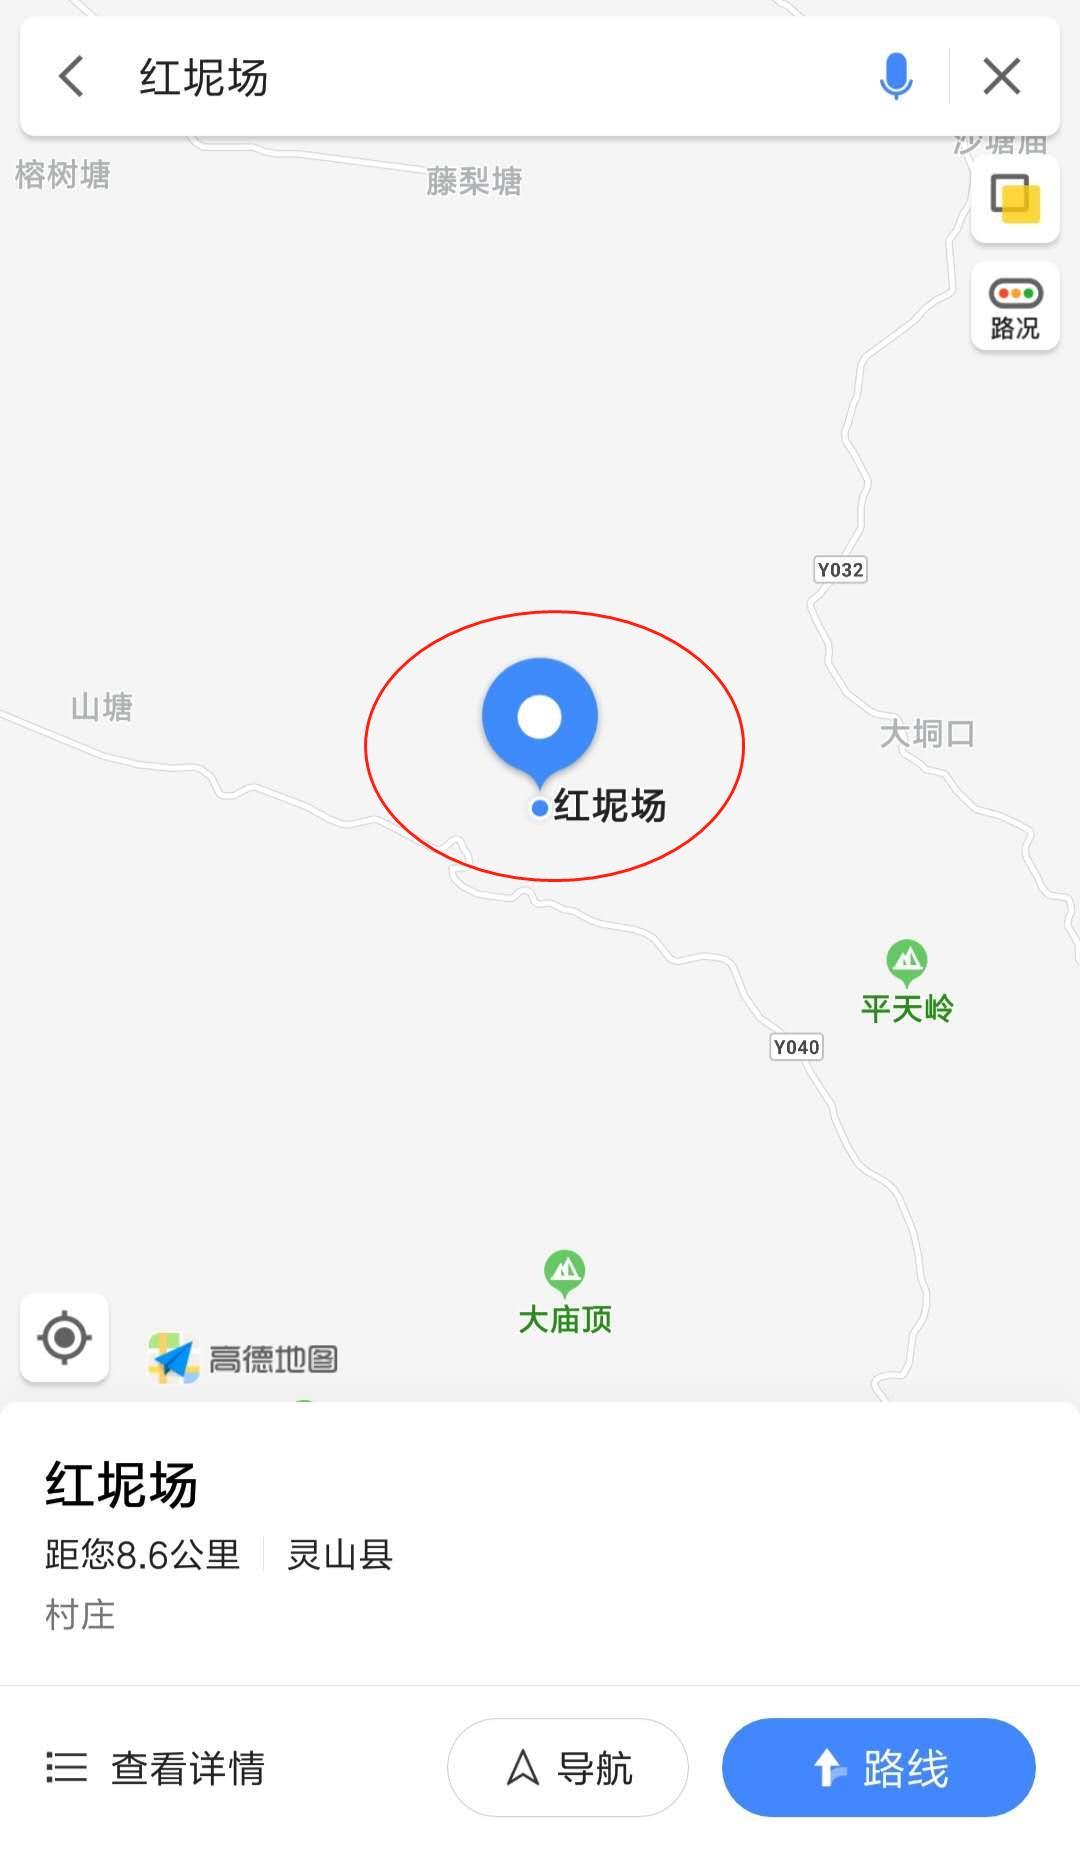 微信图片编辑_20190212101626.jpg